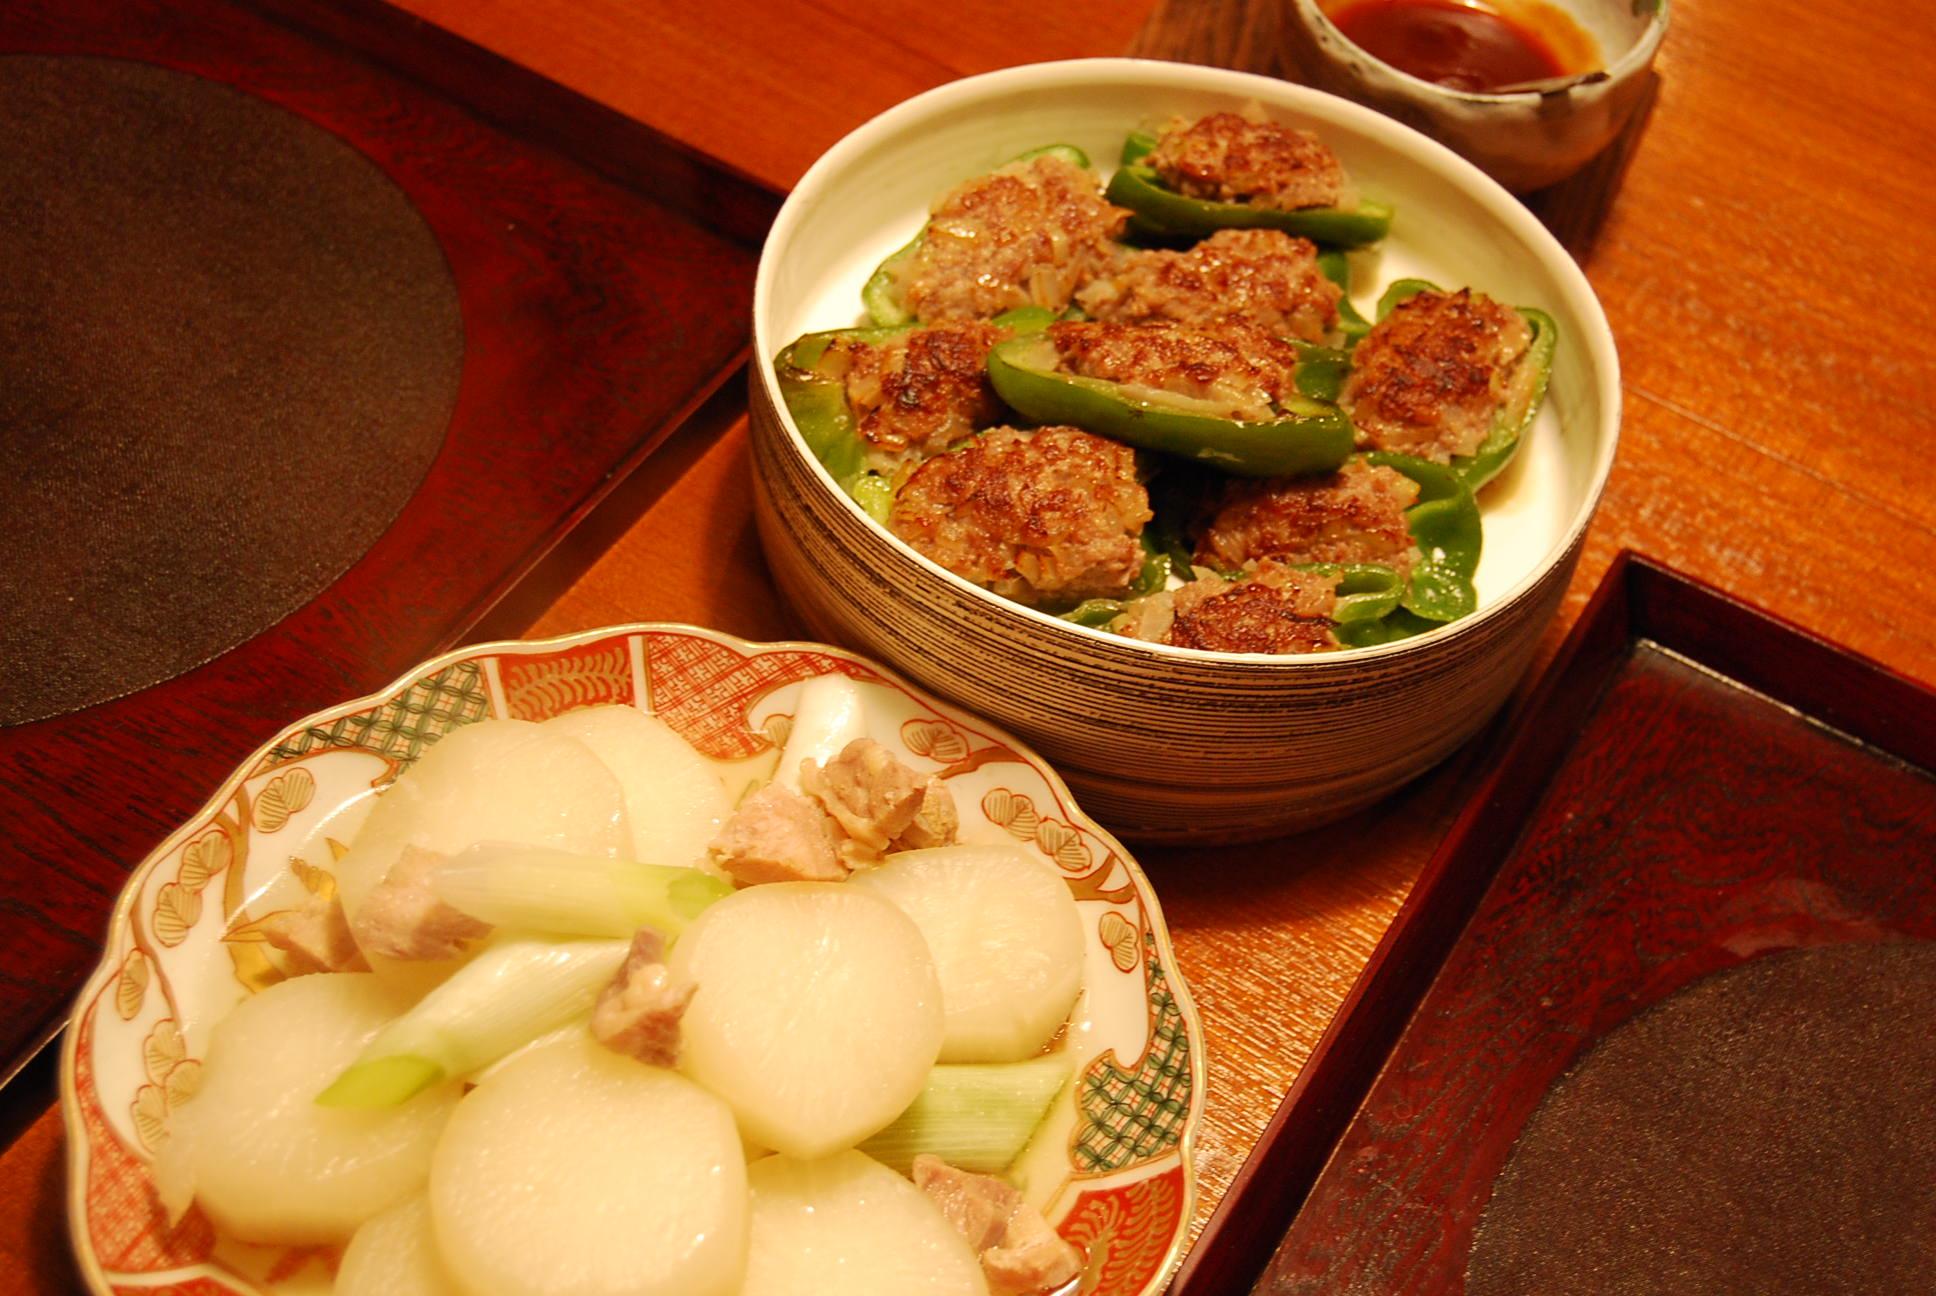 ピーマンの肉詰め 大根と鶏の煮物_e0142956_19593577.jpg